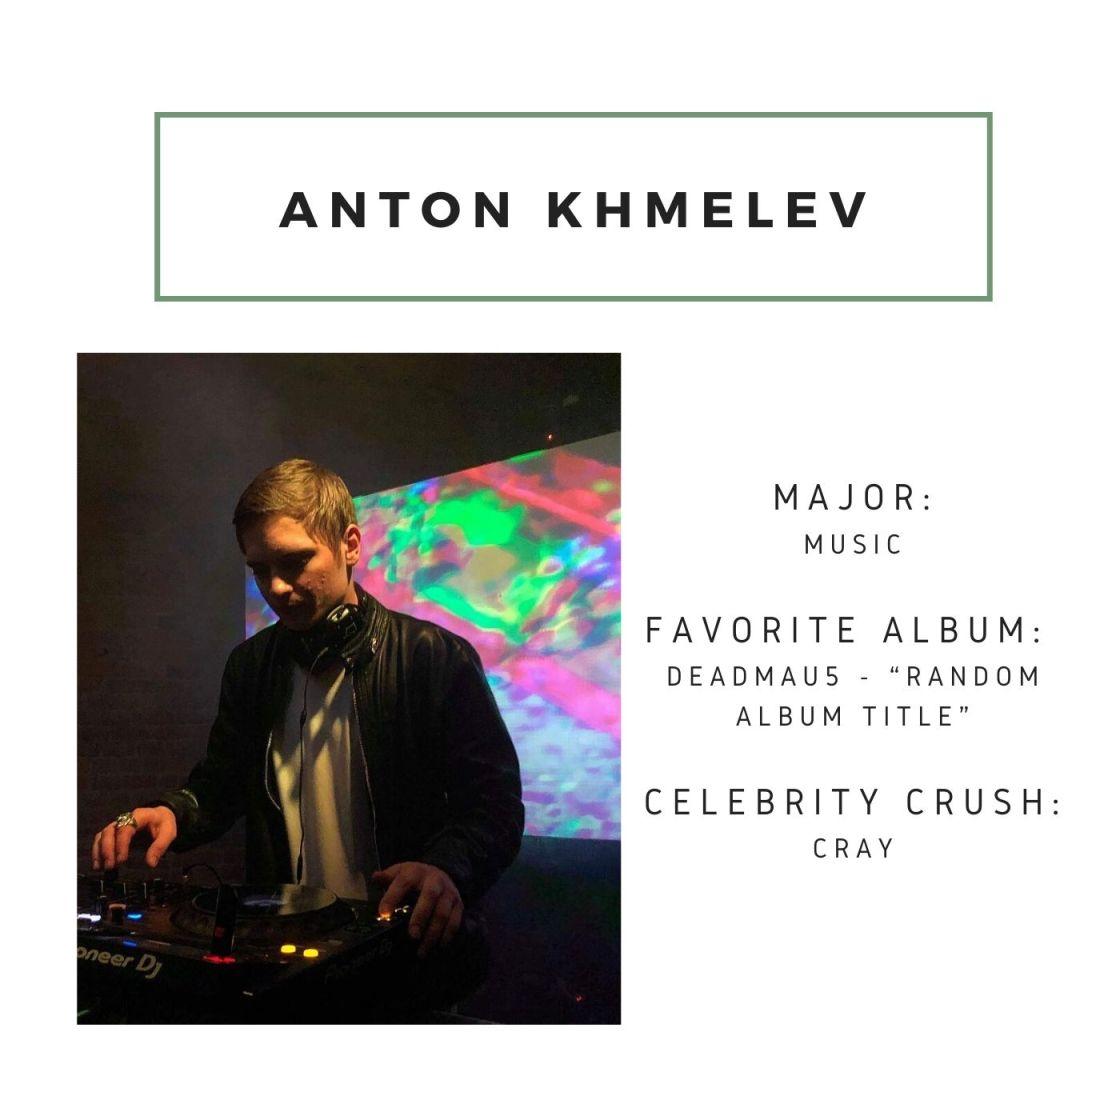 Anton Khmelev